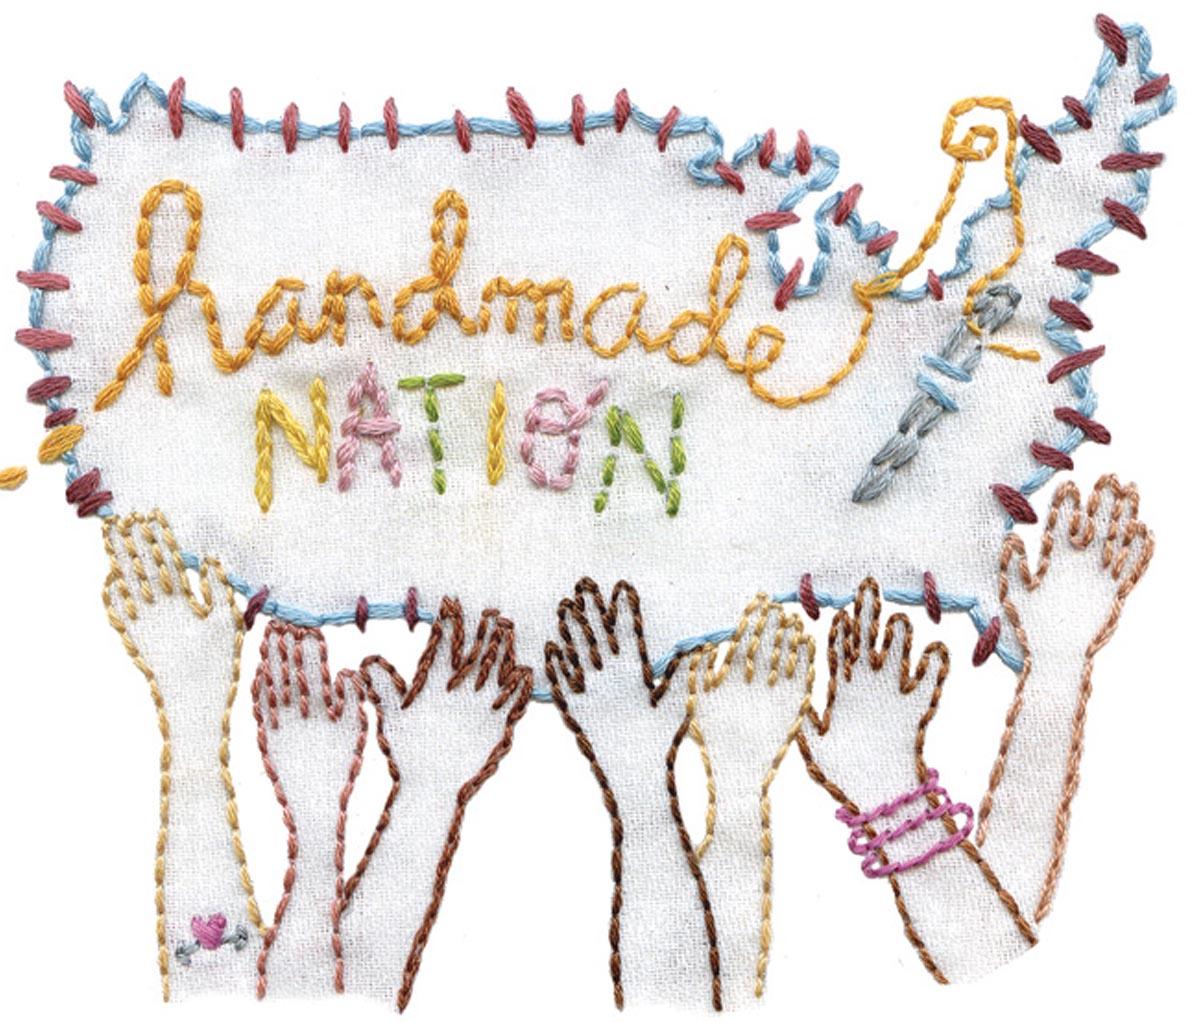 Кращі документальні фільми про дизайн: Art and Сopy, Handmade Nation та інші